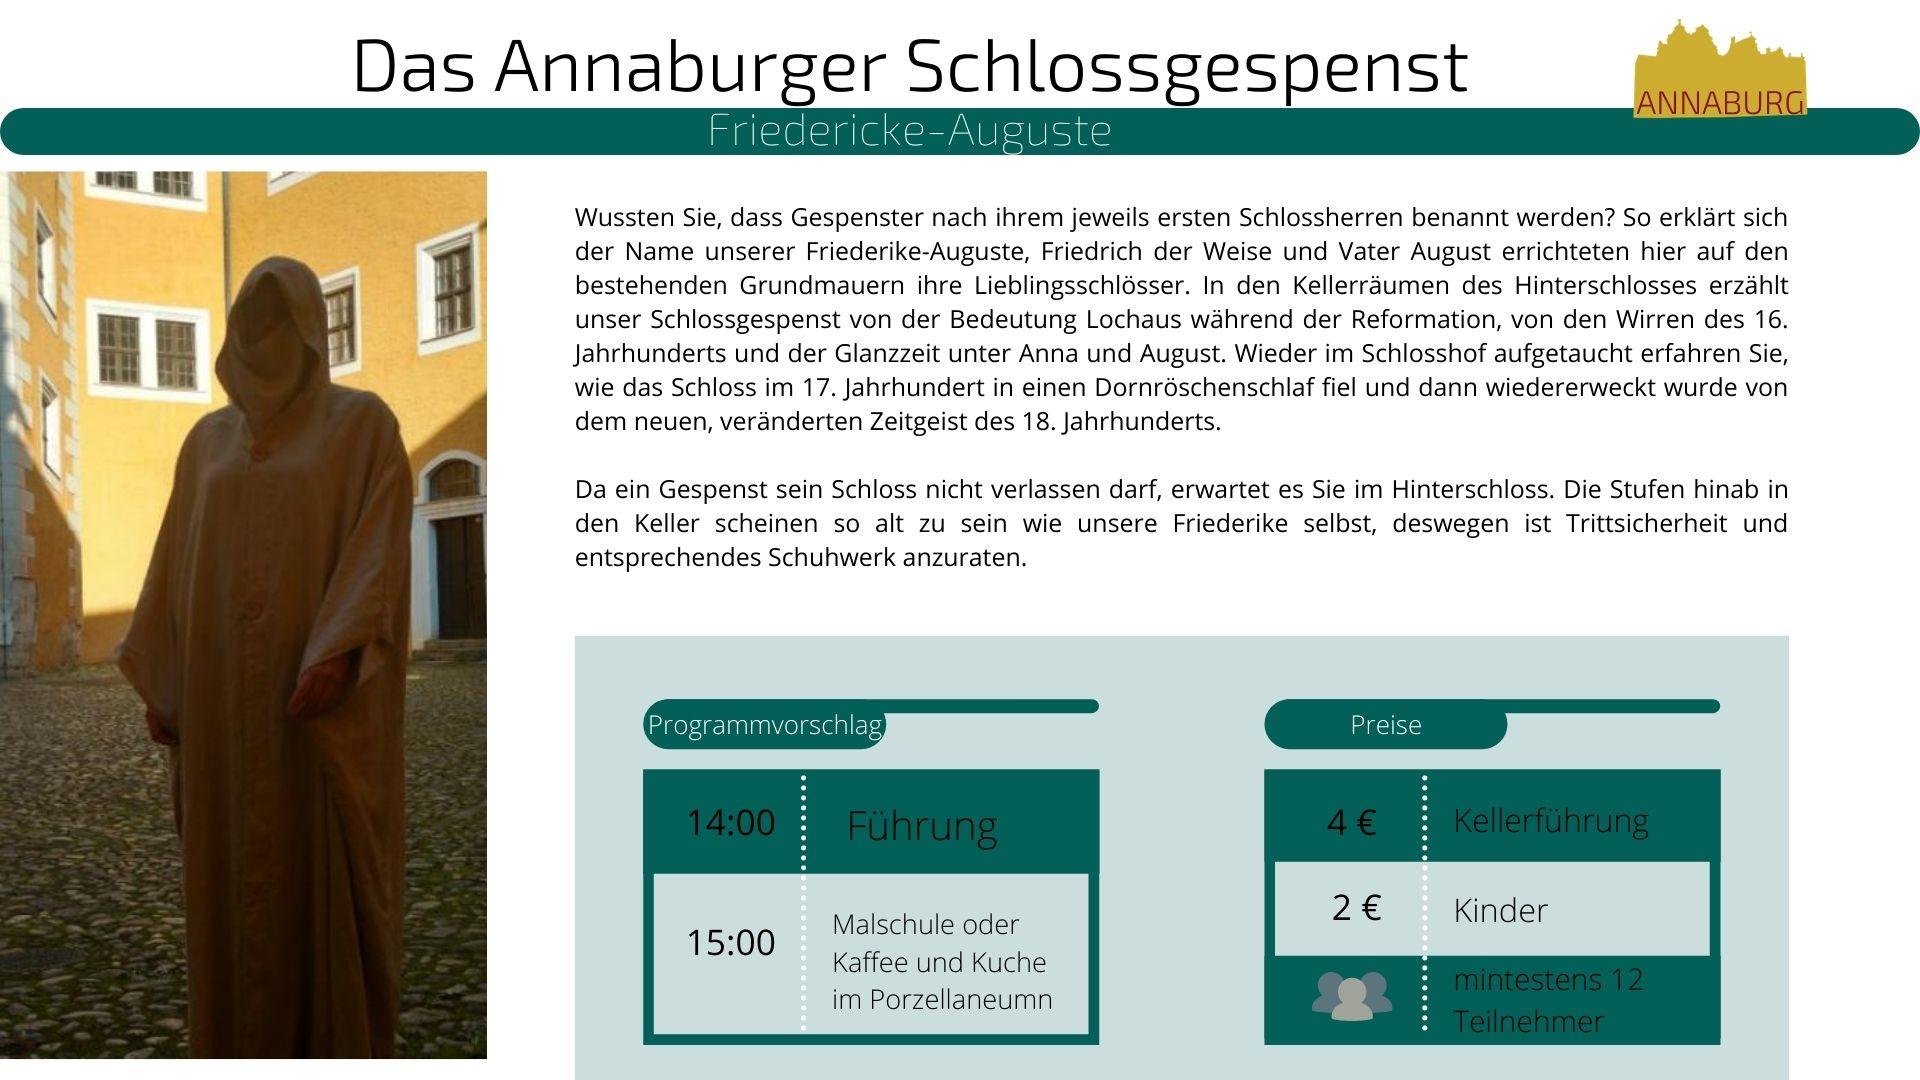 Angaben zur Führung des Annaburger Schlossgespenst